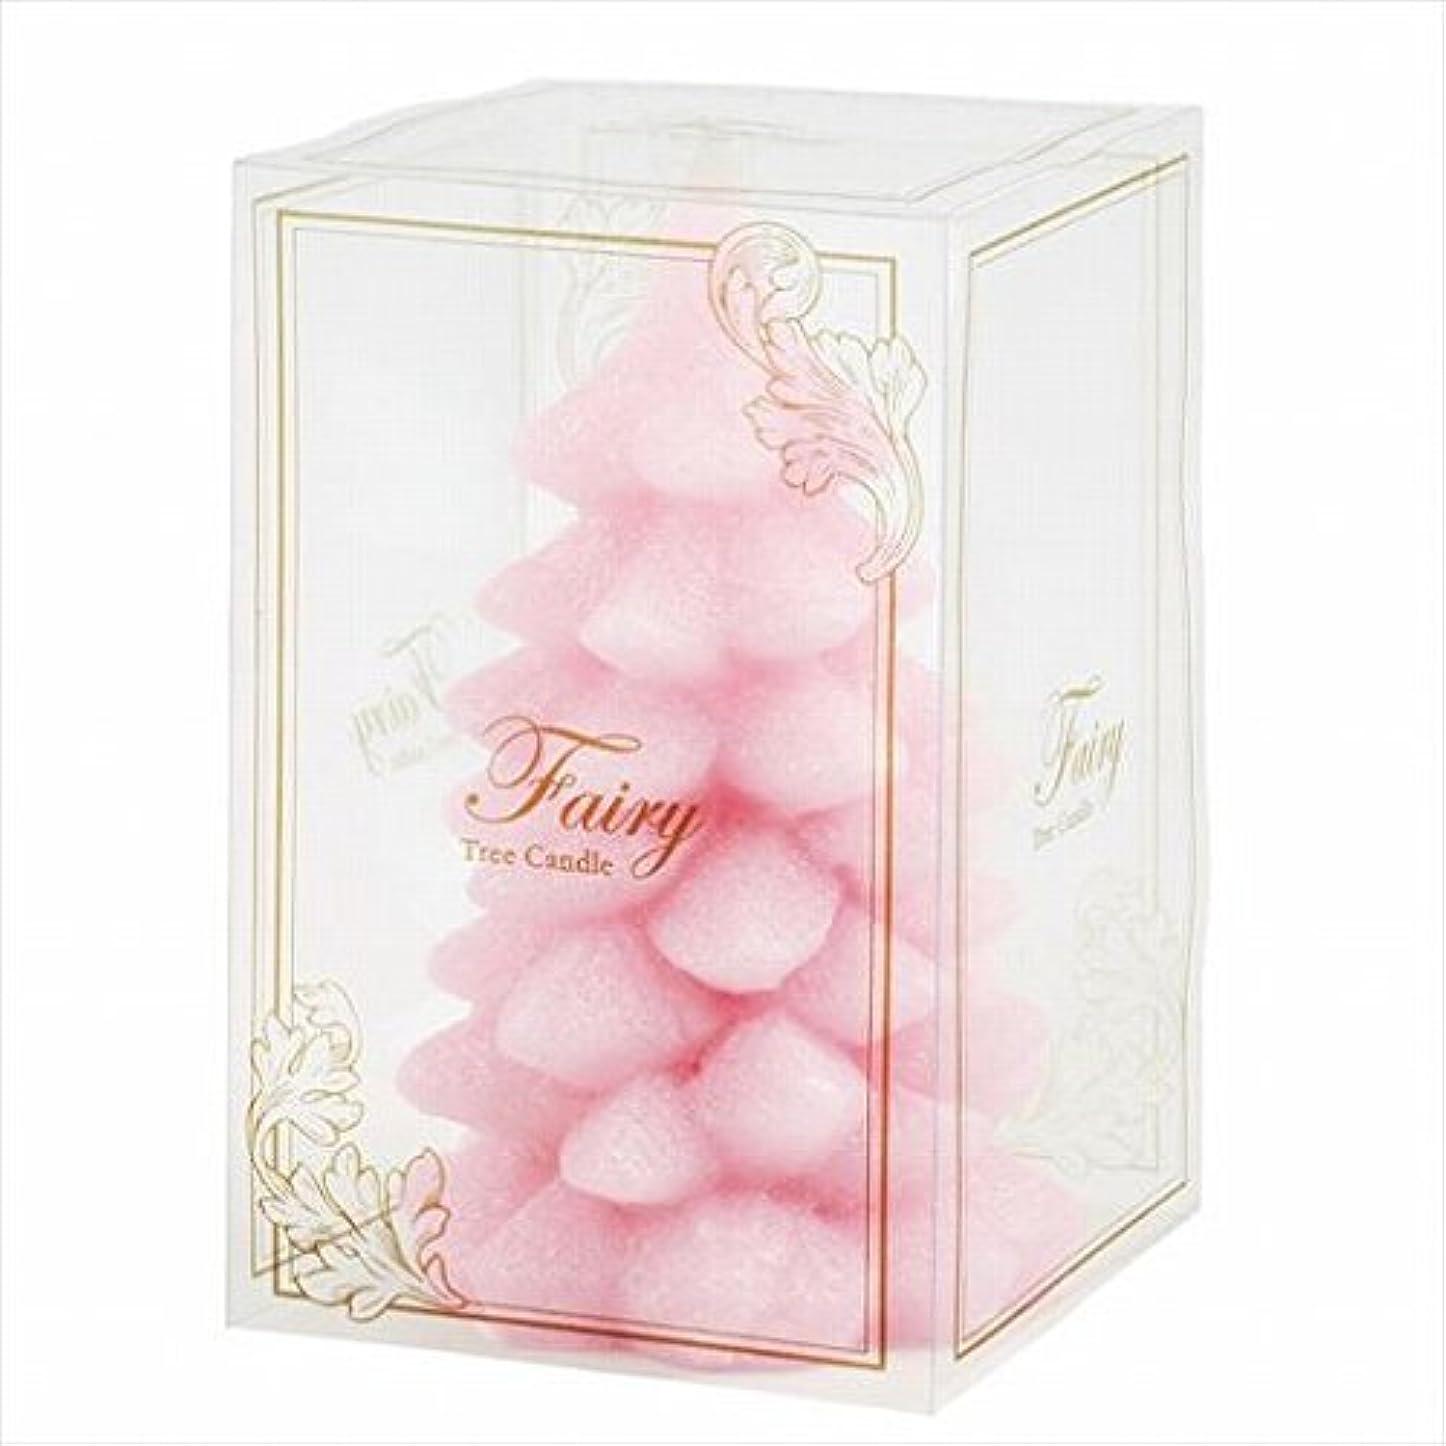 添加モルヒネ超音速カメヤマキャンドル(kameyama candle) フェアリーツリーL 「 ピンク 」